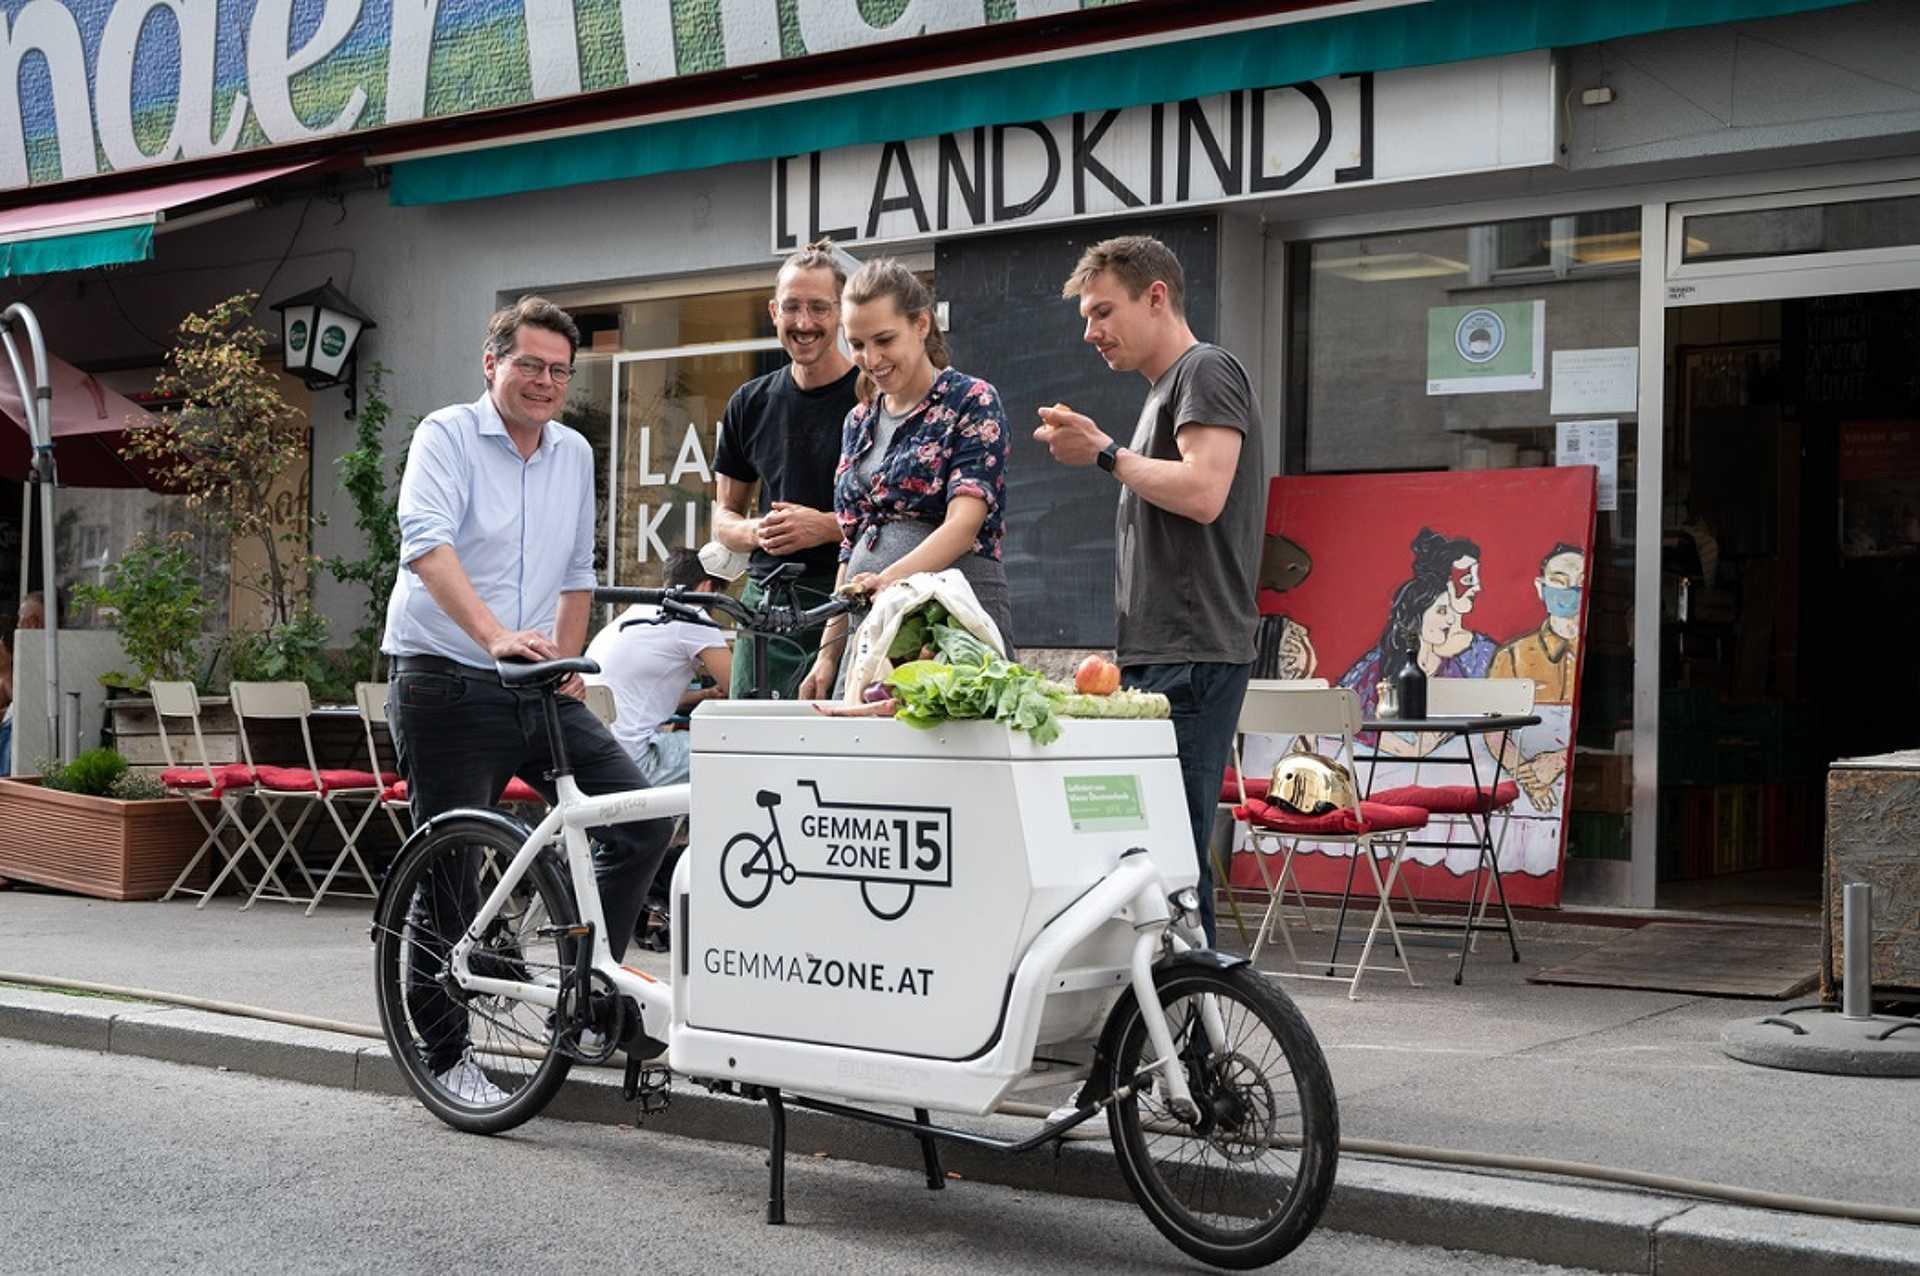 Internetes rendelések házhozszállítása e-teherkerékpárral